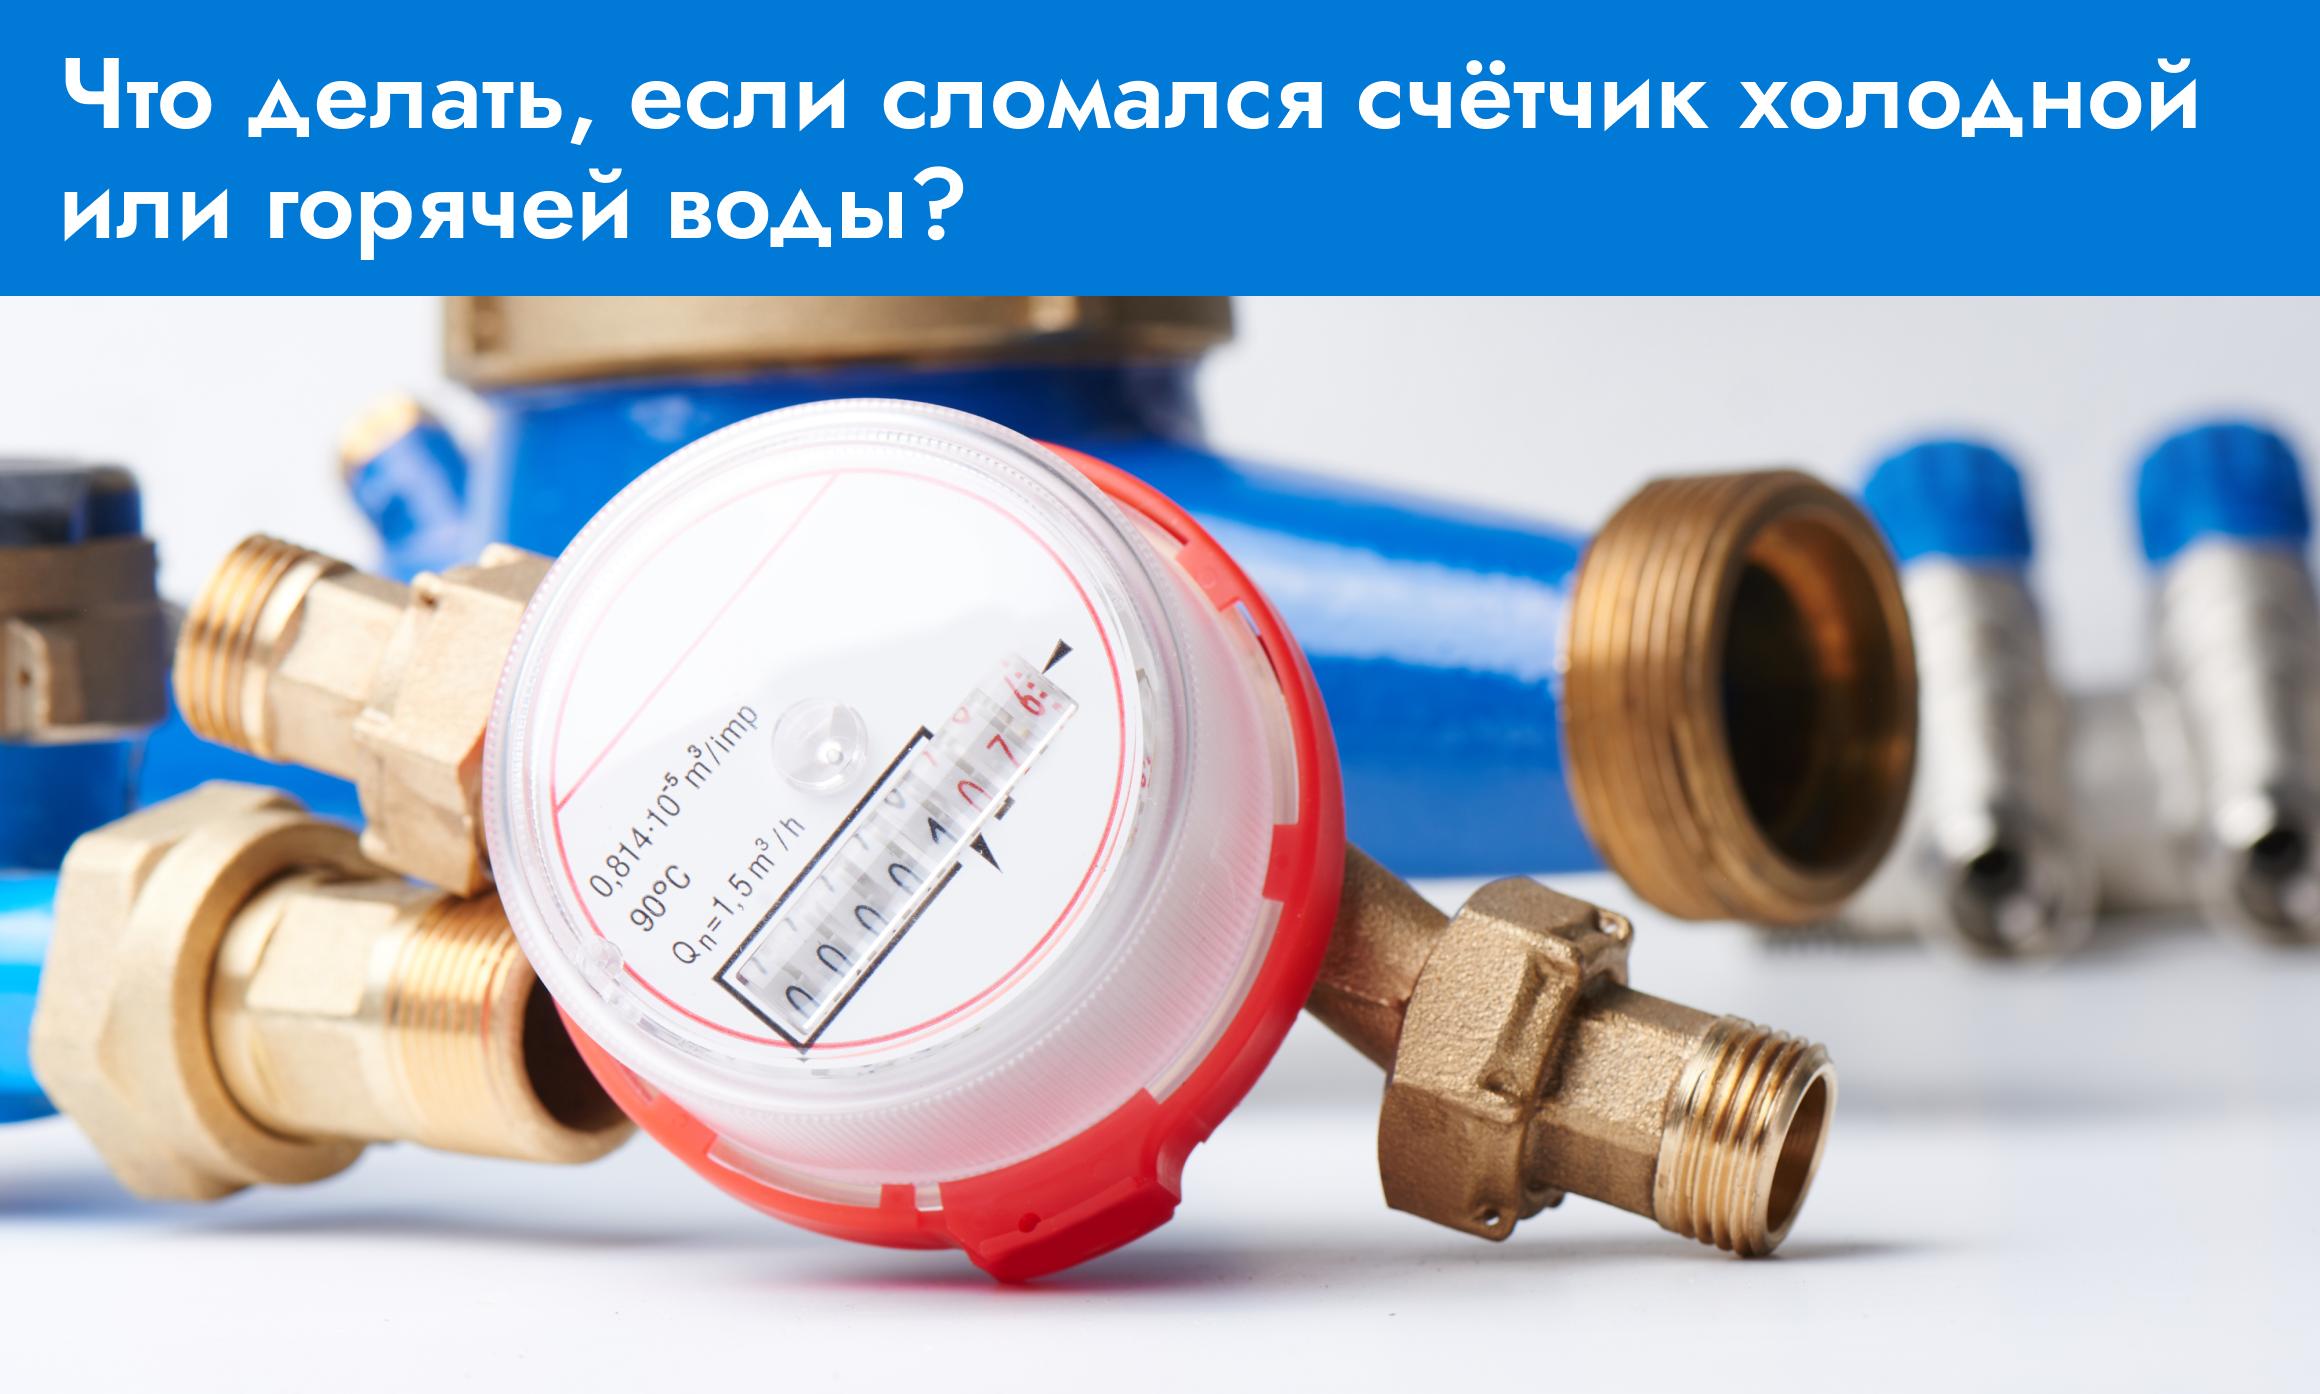 Что делать, если сломался счётчик холодной или горячей воды?